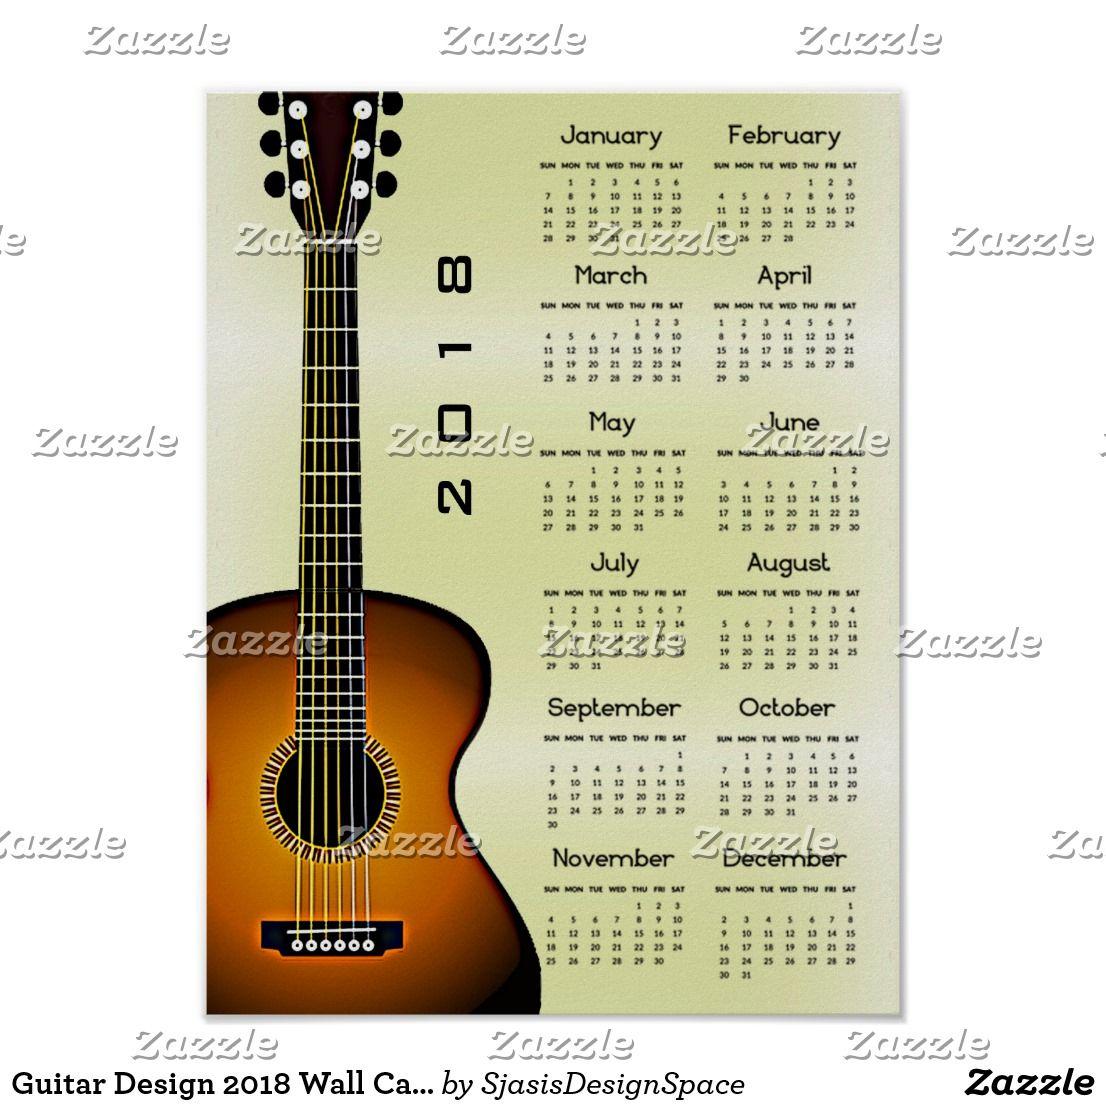 Guitar Design 2018 Wall Calendar Poster | 2018 Calendars | Pinterest ...